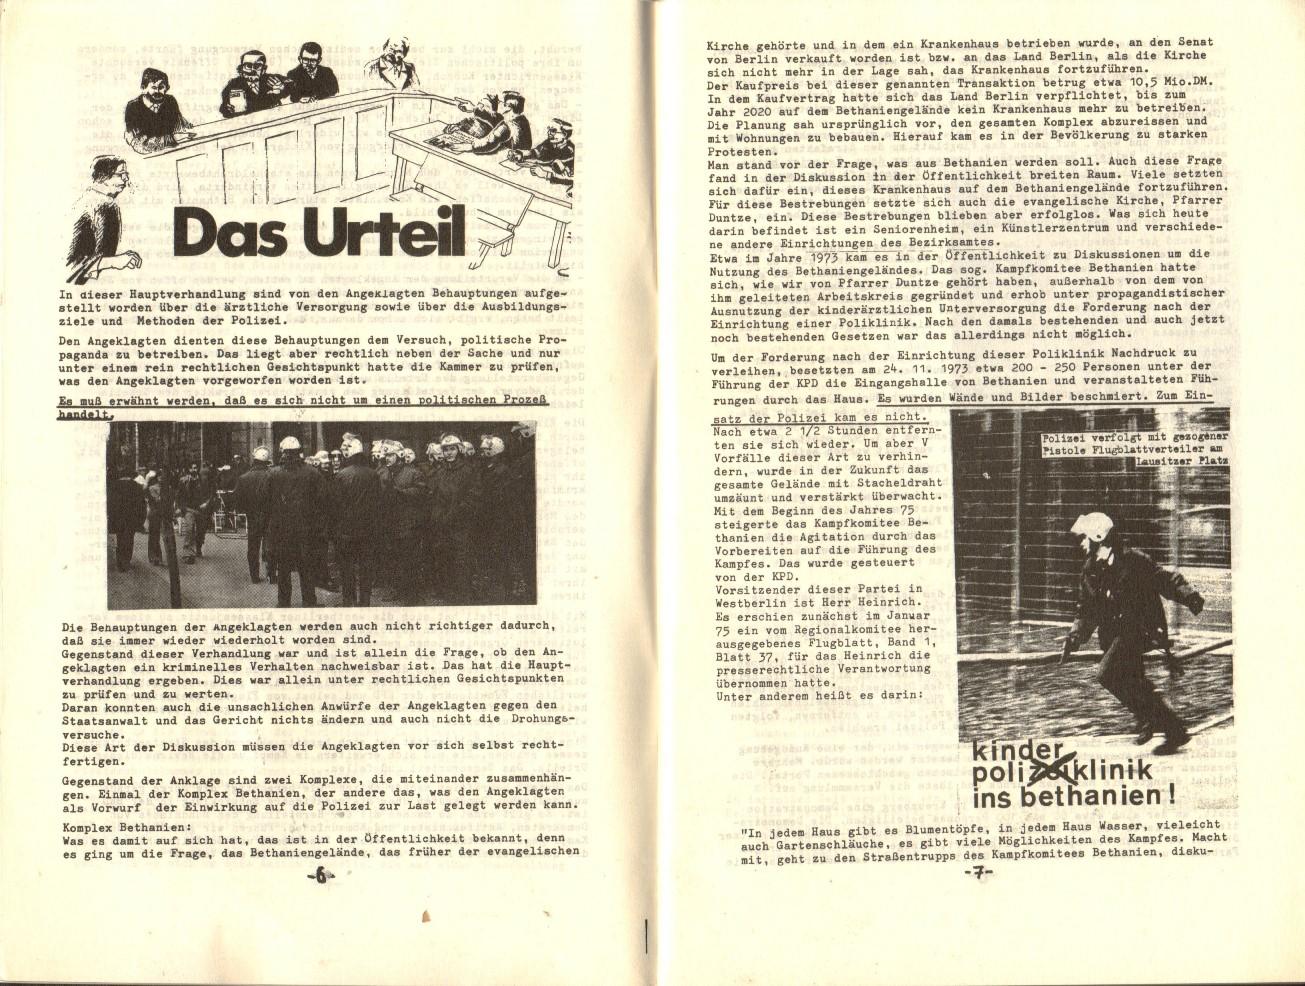 Berlin_KPD_1976_Staatsschutzprozess02_05